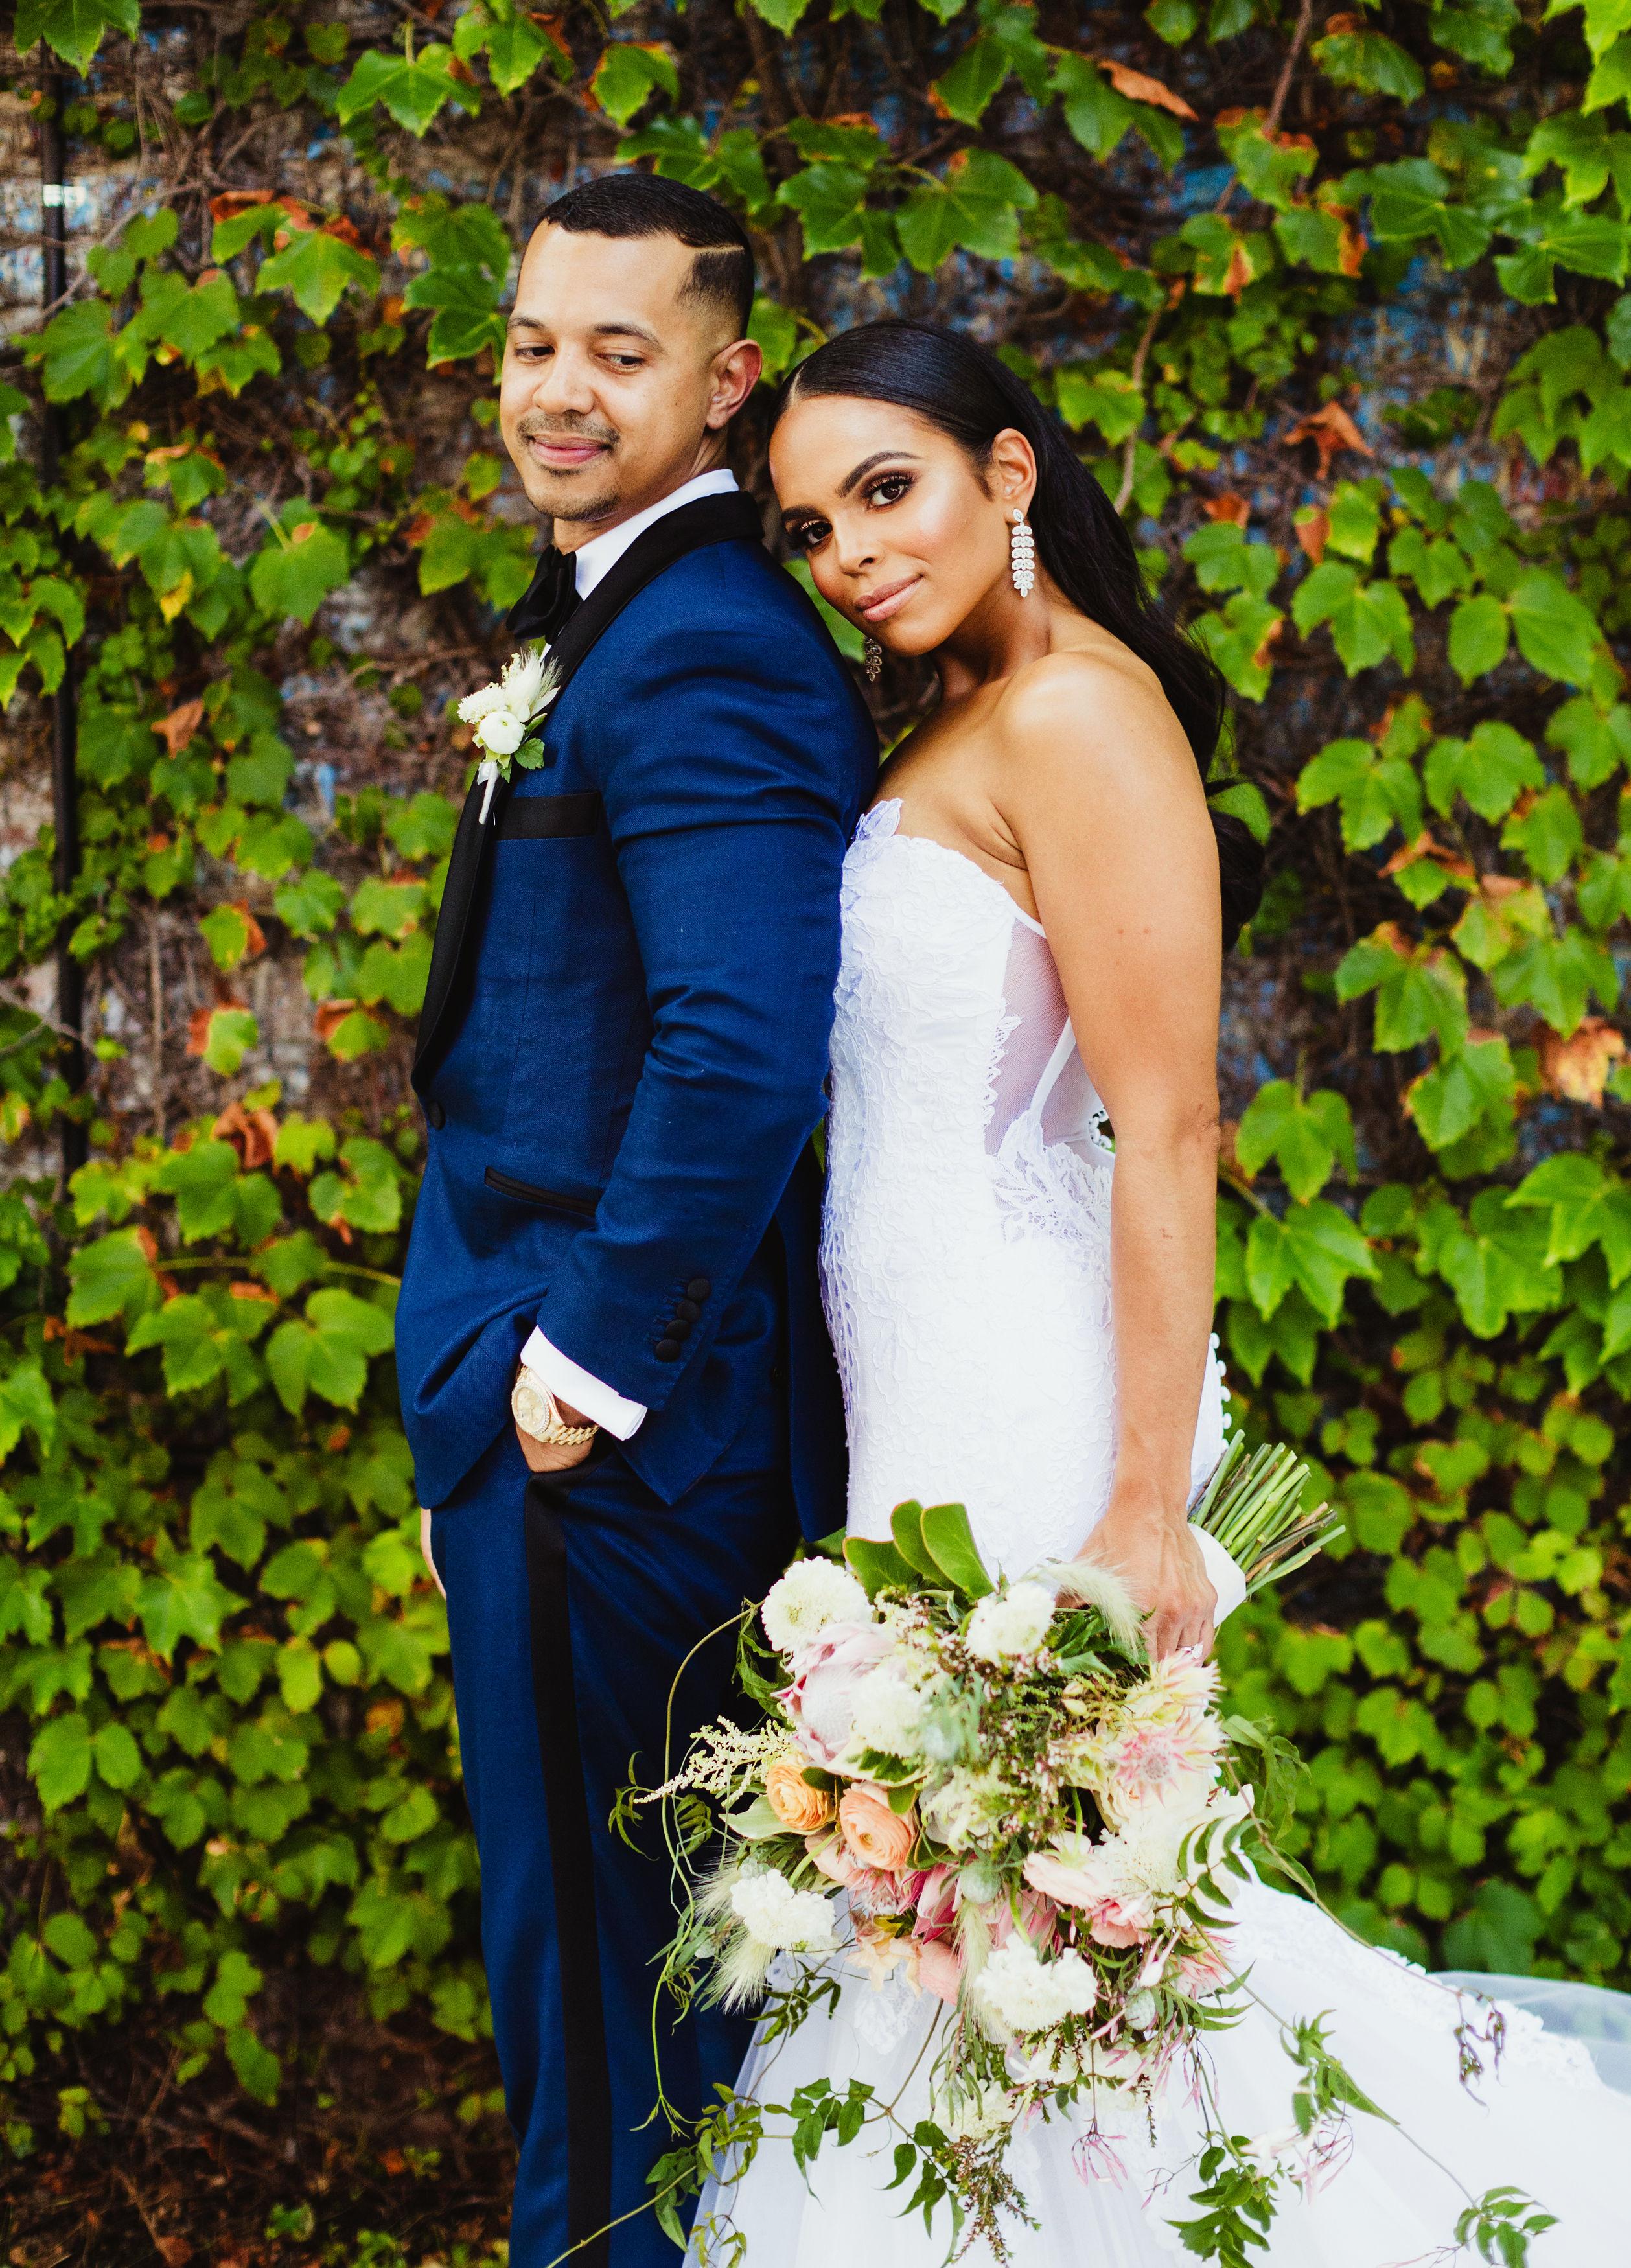 bride leaning on groom's shoulder